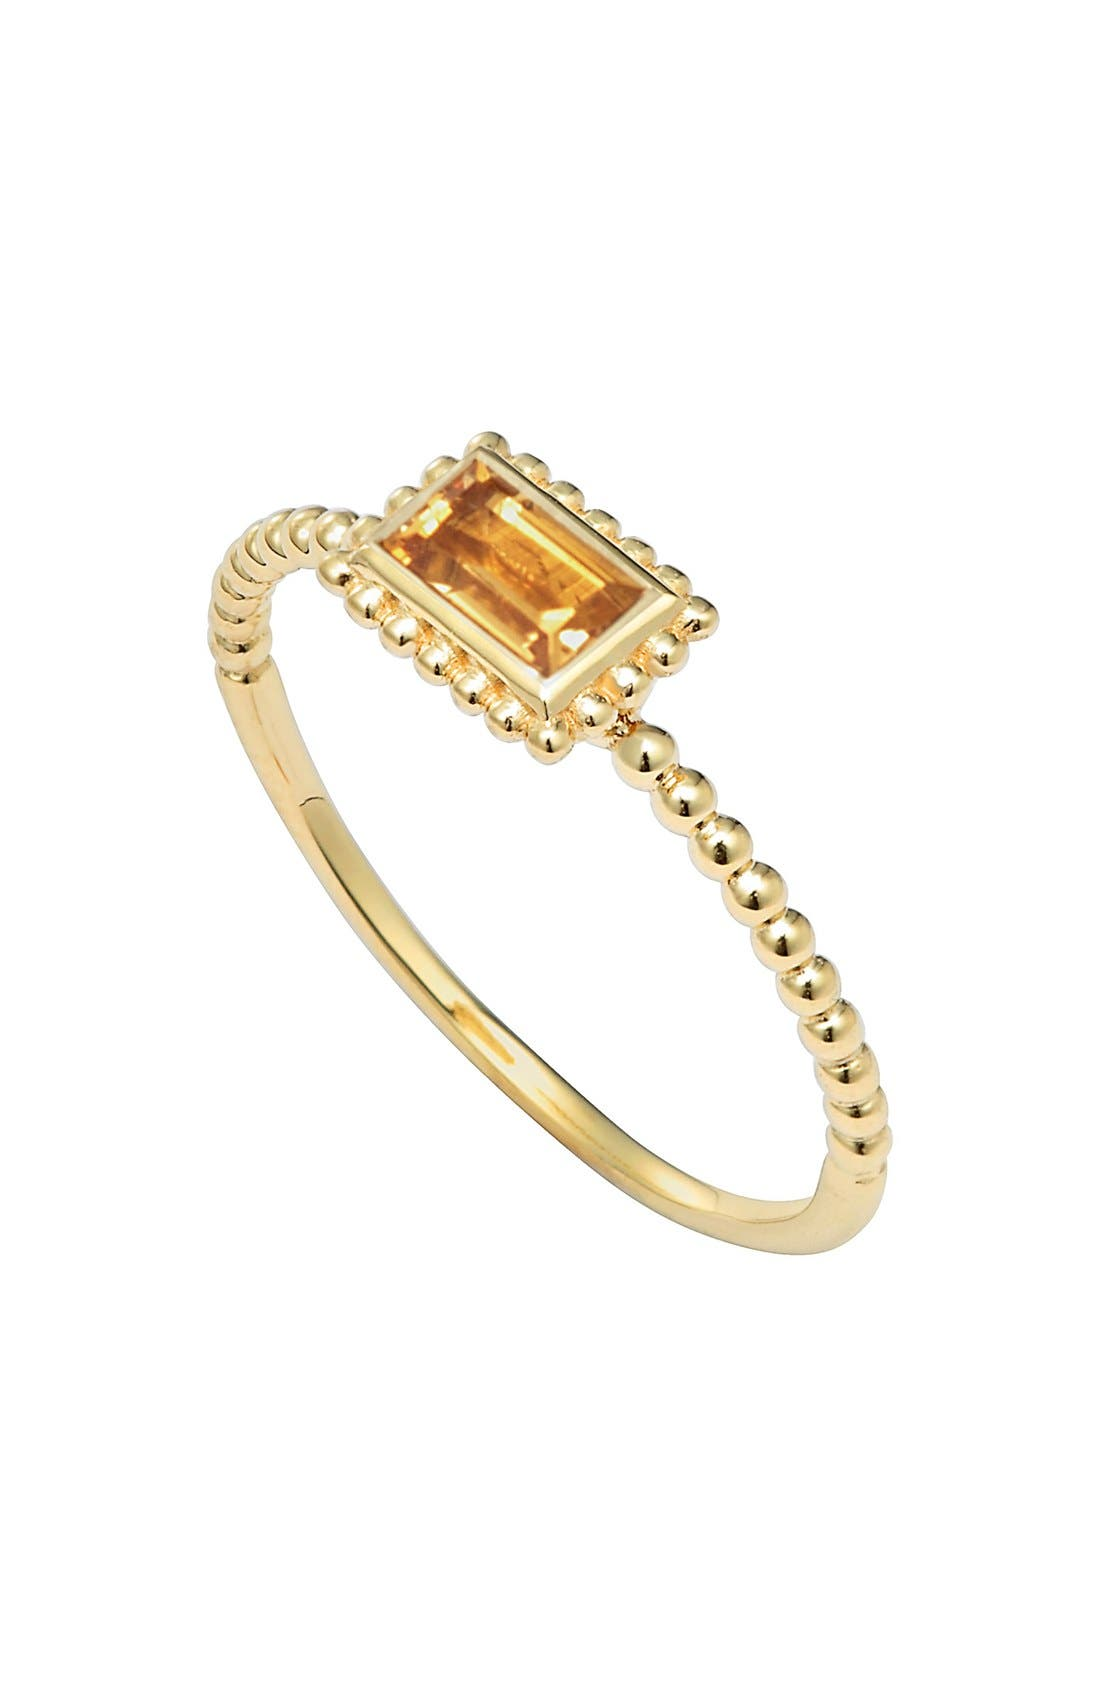 Alternate Image 1 Selected - LAGOS 'Covet' Baguette Stone Caviar Stack Ring